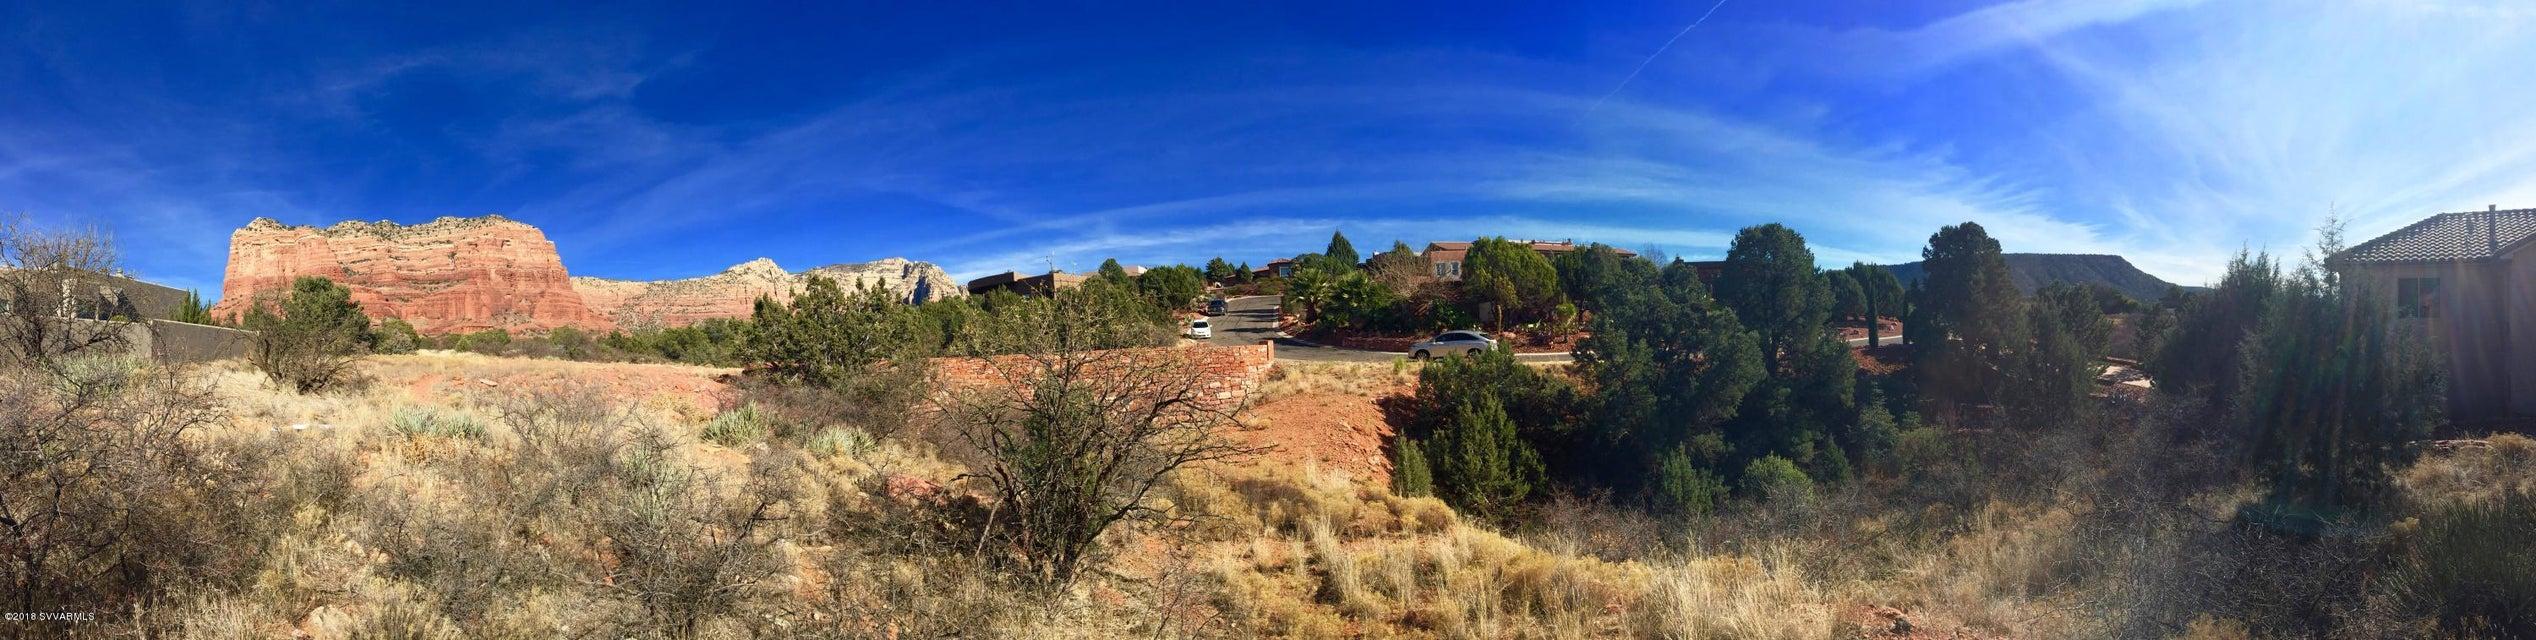 135  Alta Vista Sedona, AZ 86351